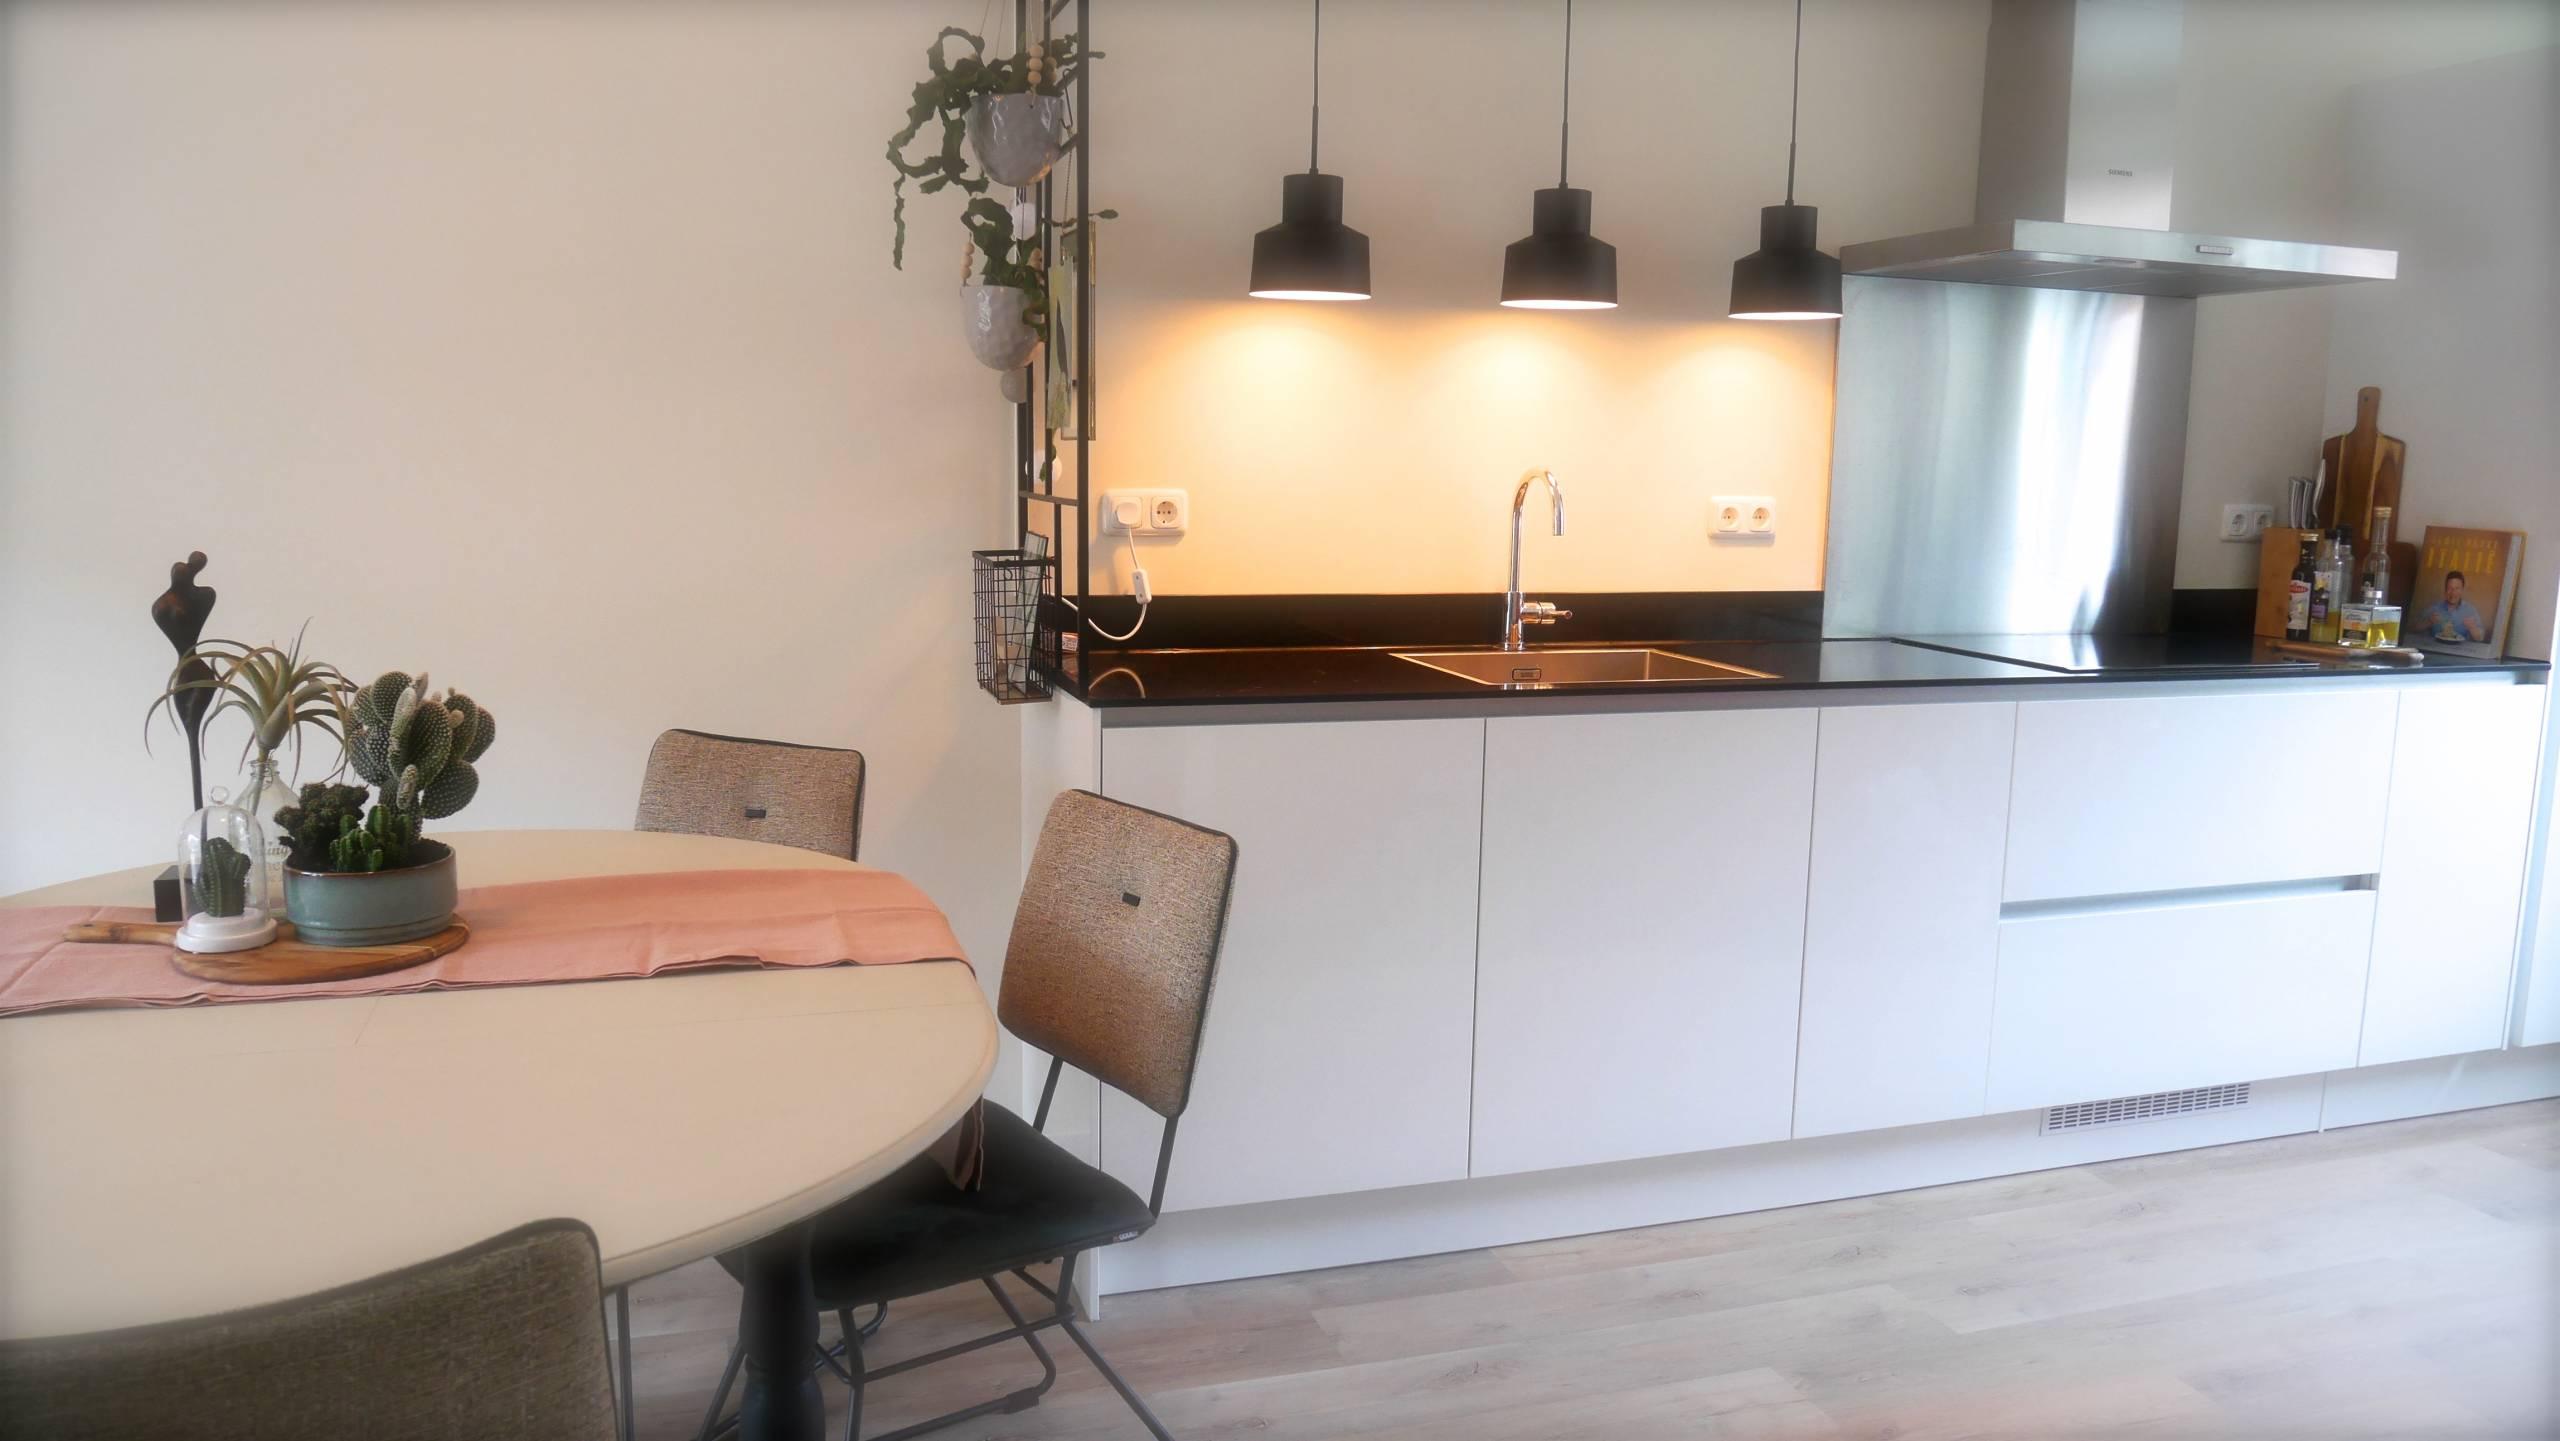 Afscheiding tussen woonkamer en keuken.